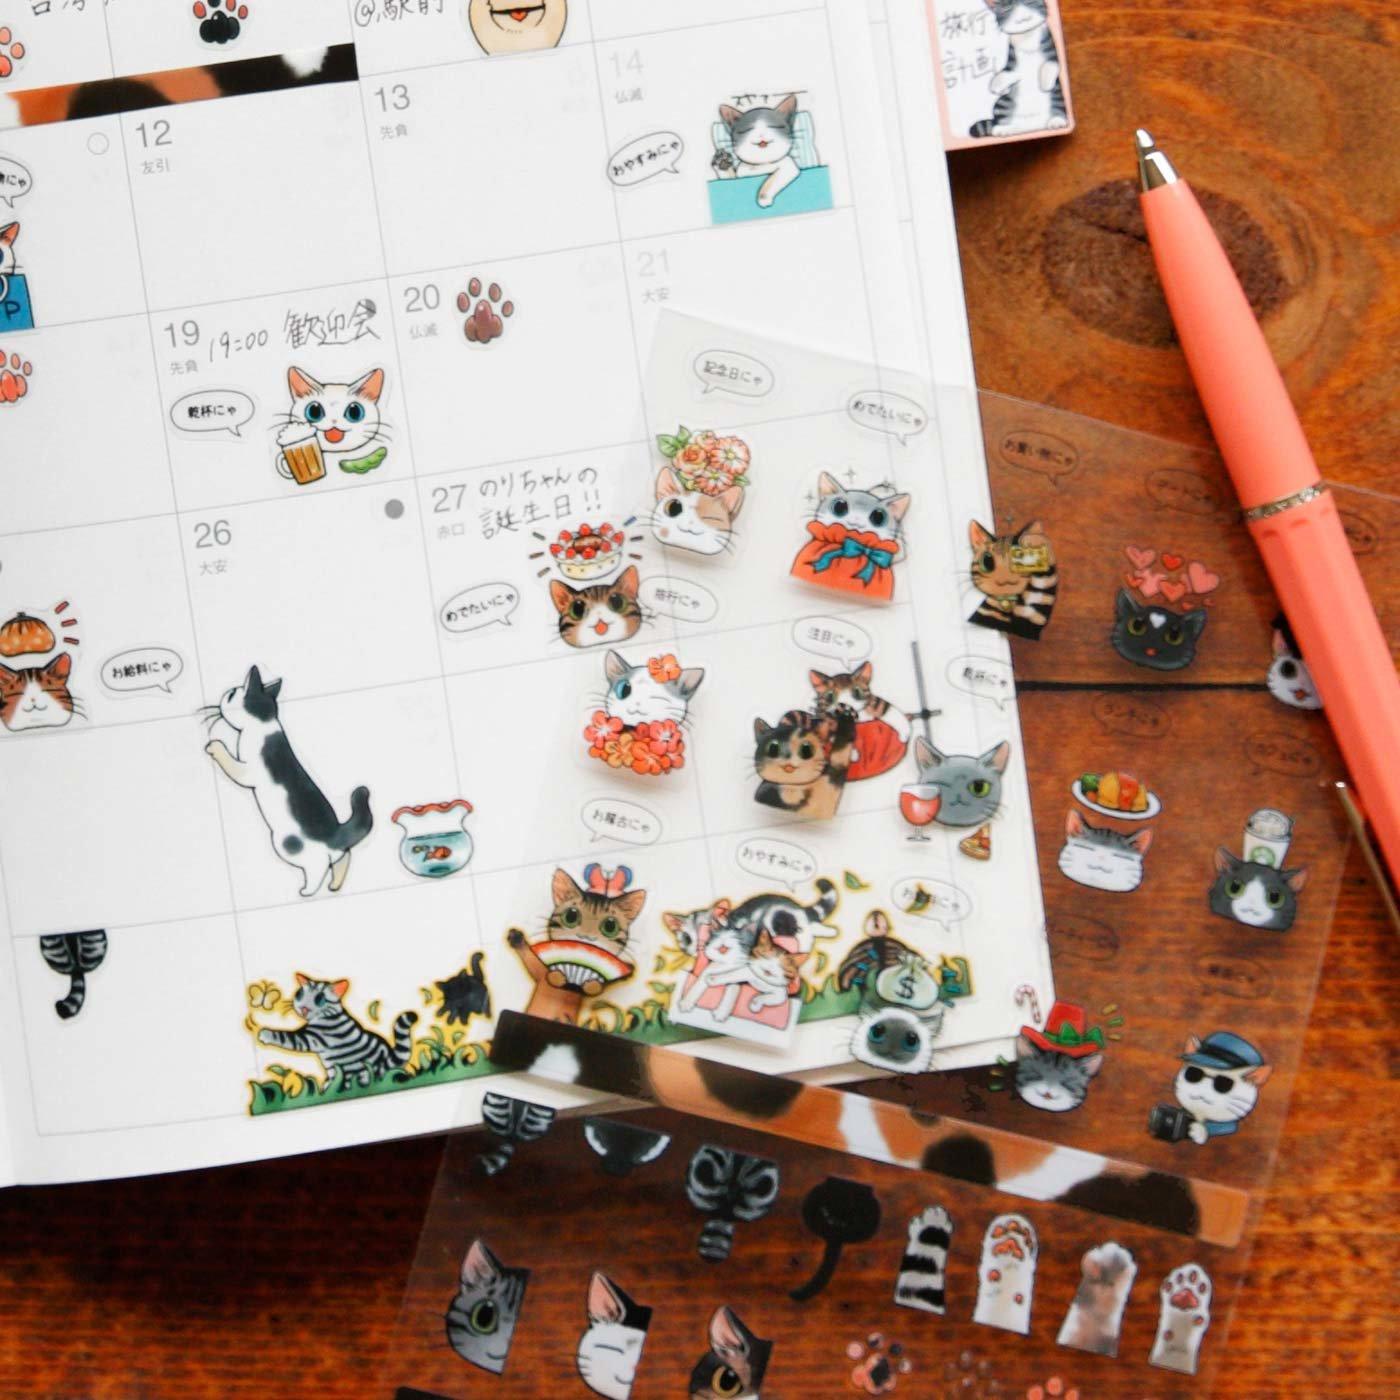 漫画家 山野りんりんさんとつくった スケジュールが大盛り上がり 猫まみれ手帳シールの会